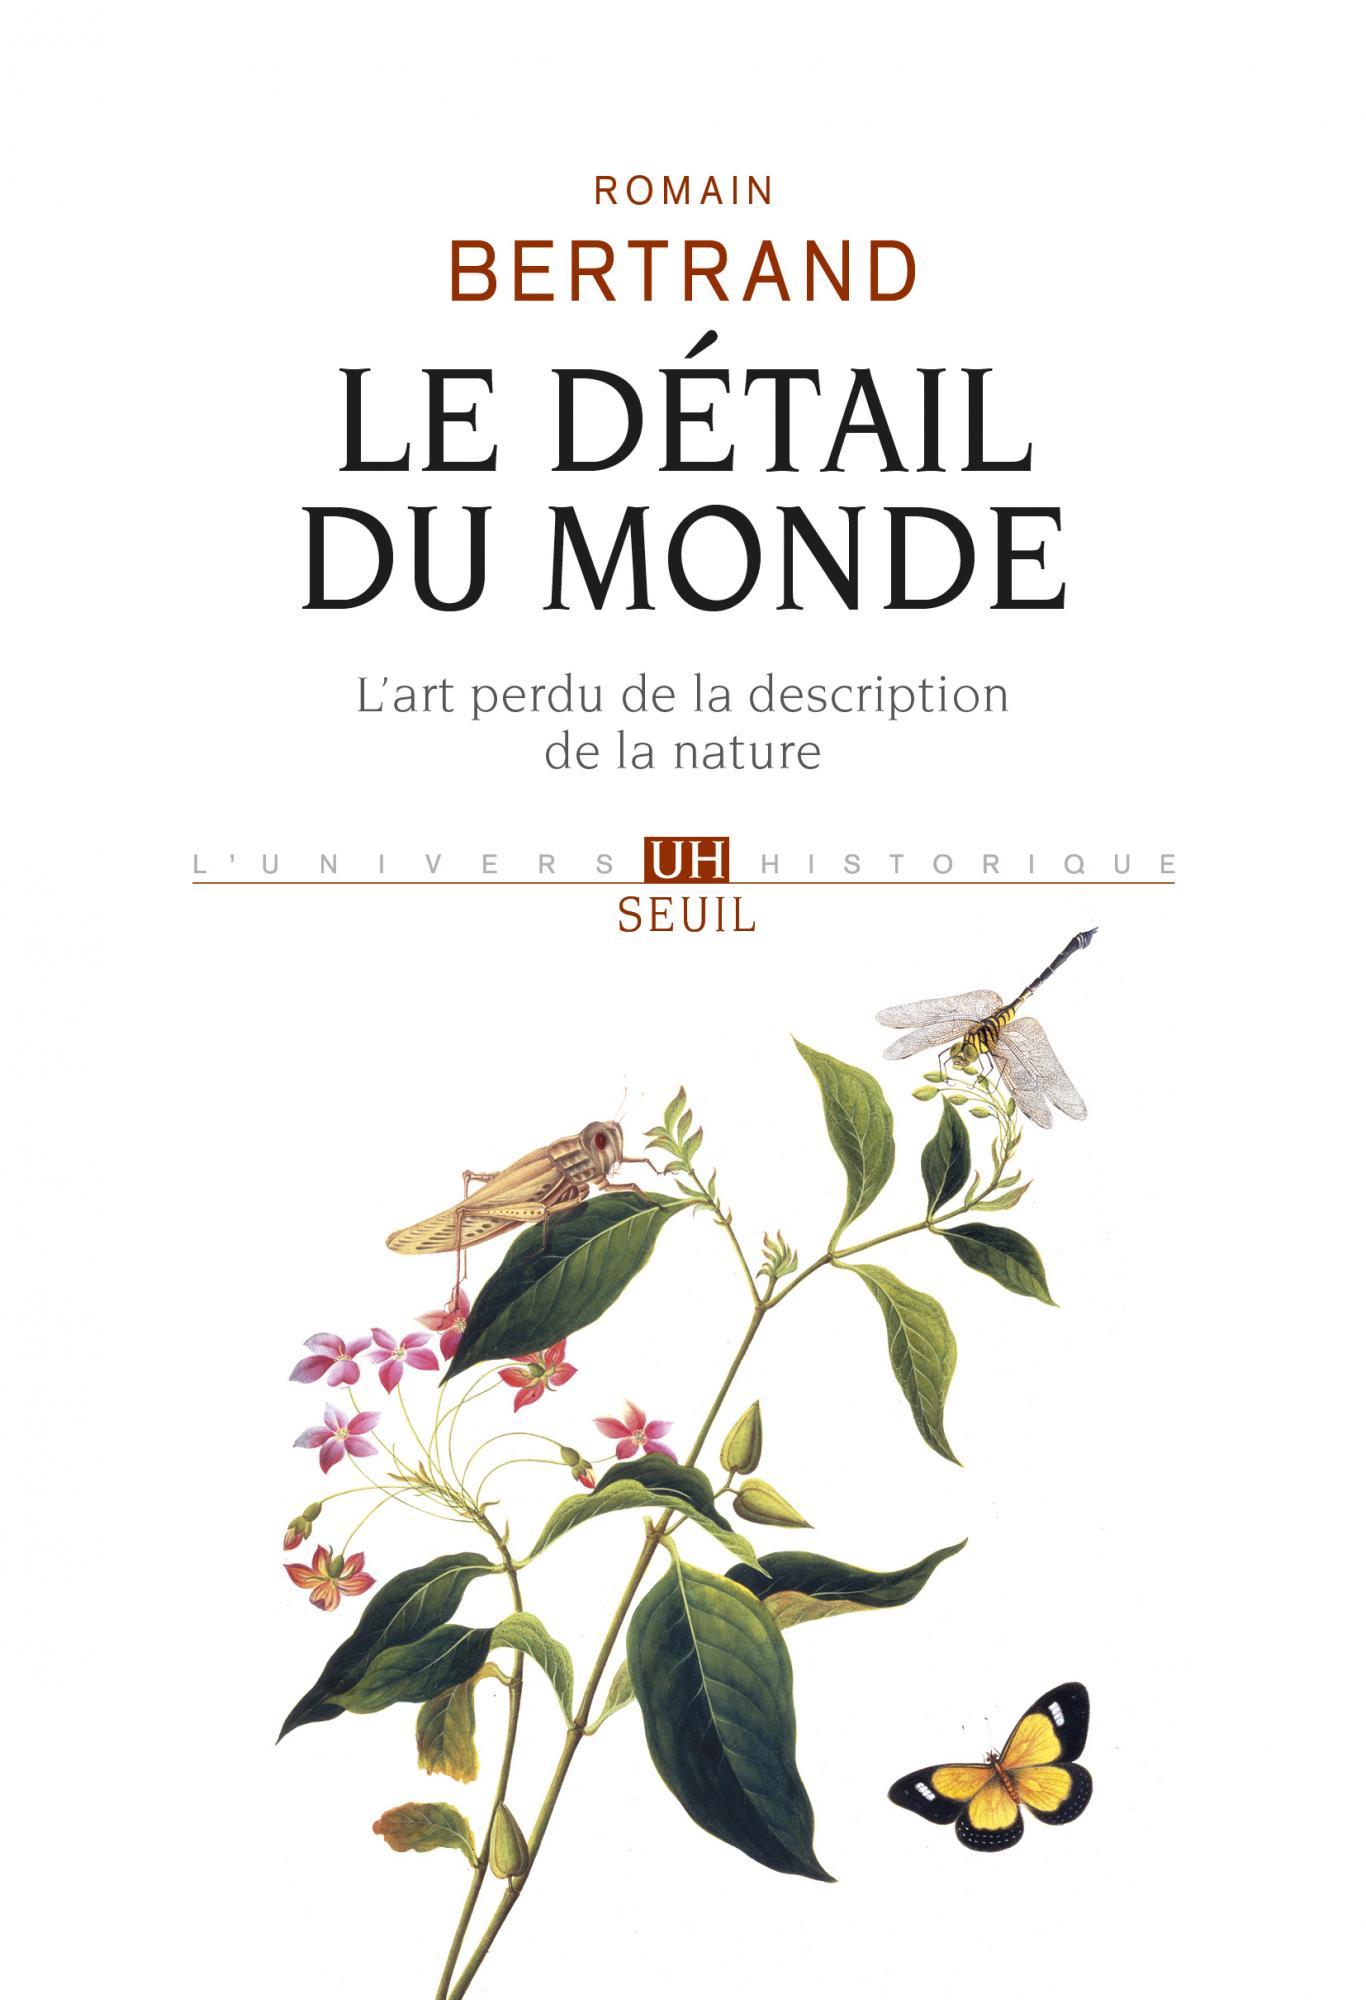 R. Bertrand, Le Détail du monde. L'art perdu de la description de la nature